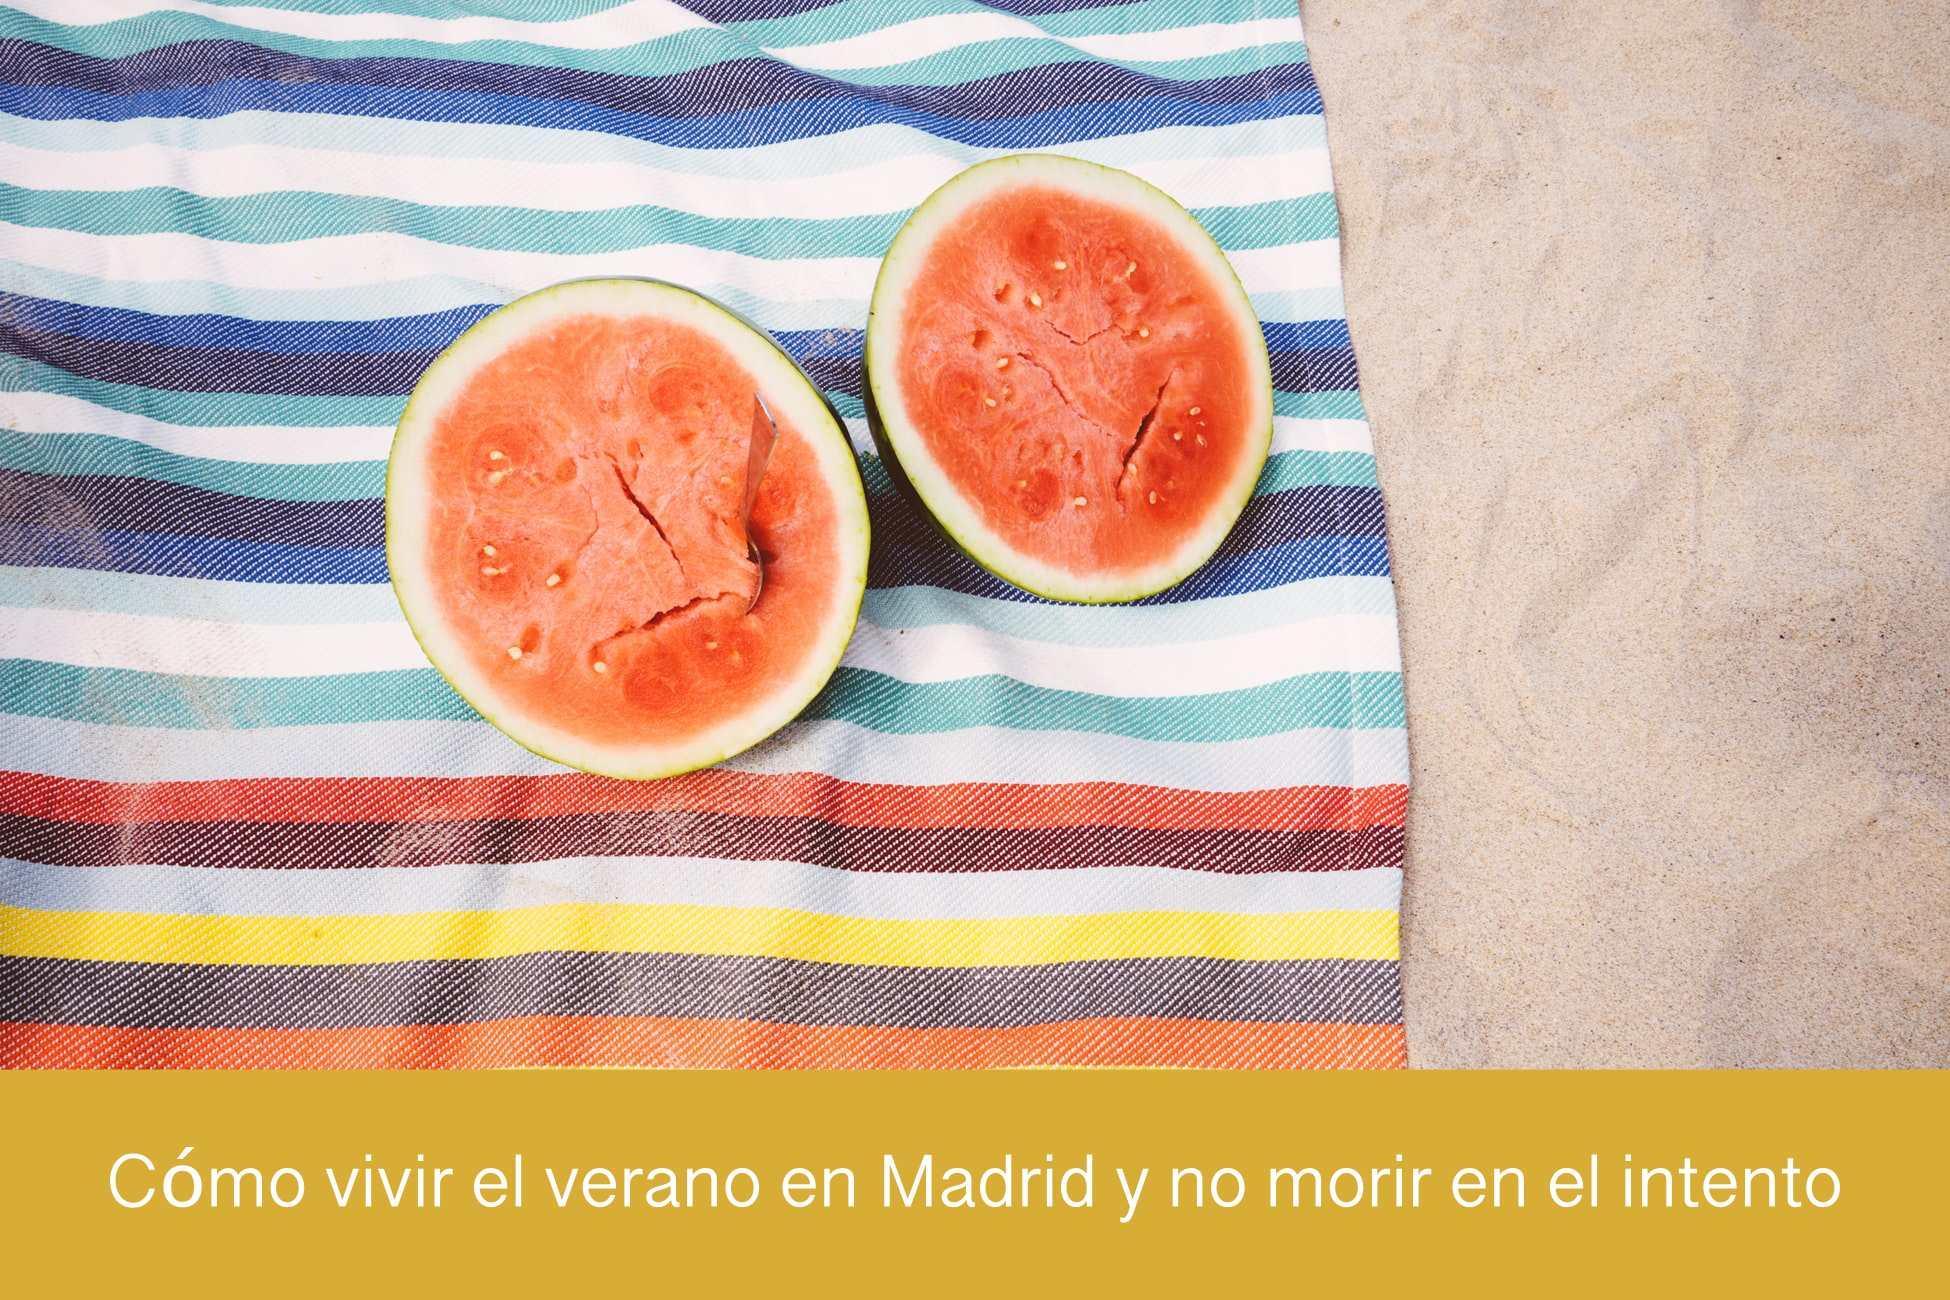 Vivir el verano en Madrid